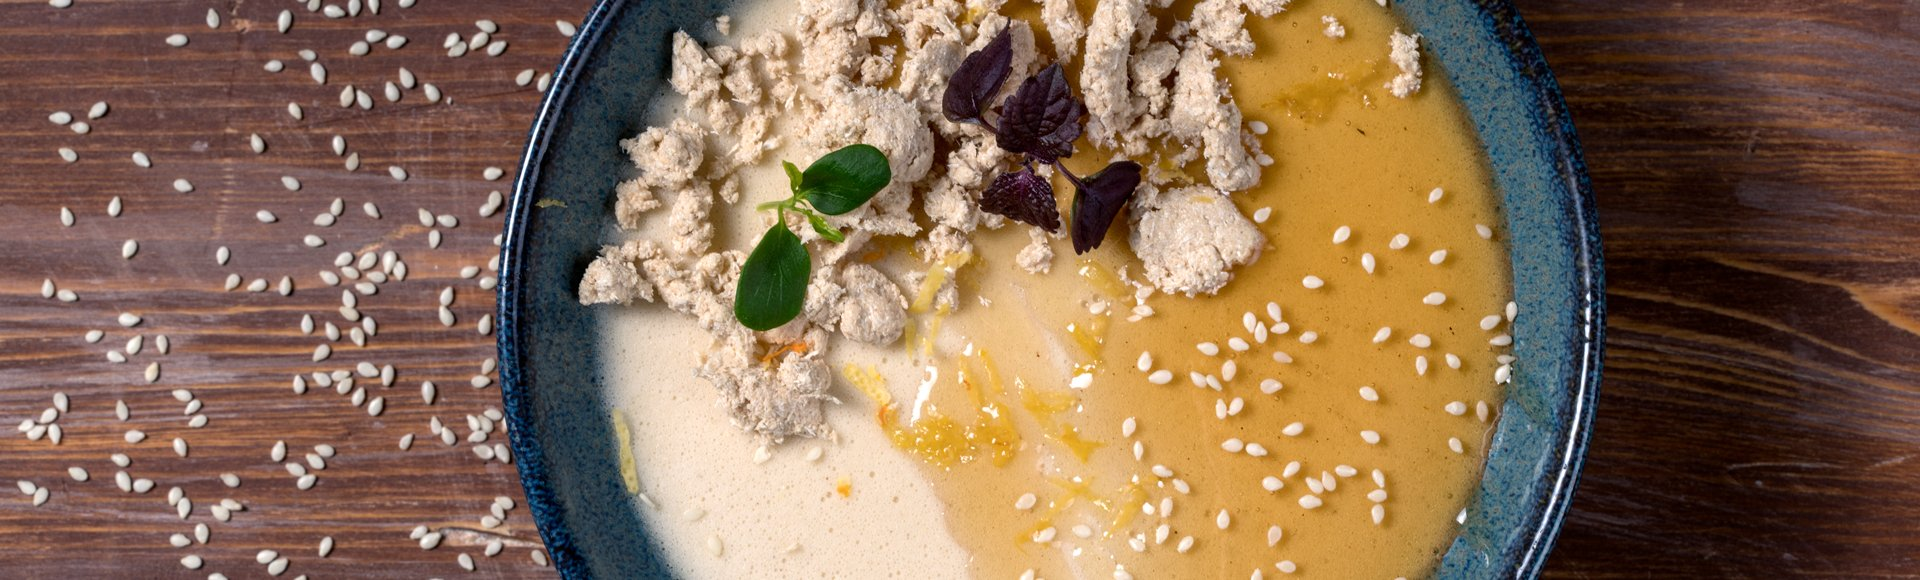 Μους από χαλβά με καβουρδισμένα αμύγδαλα και μέλι